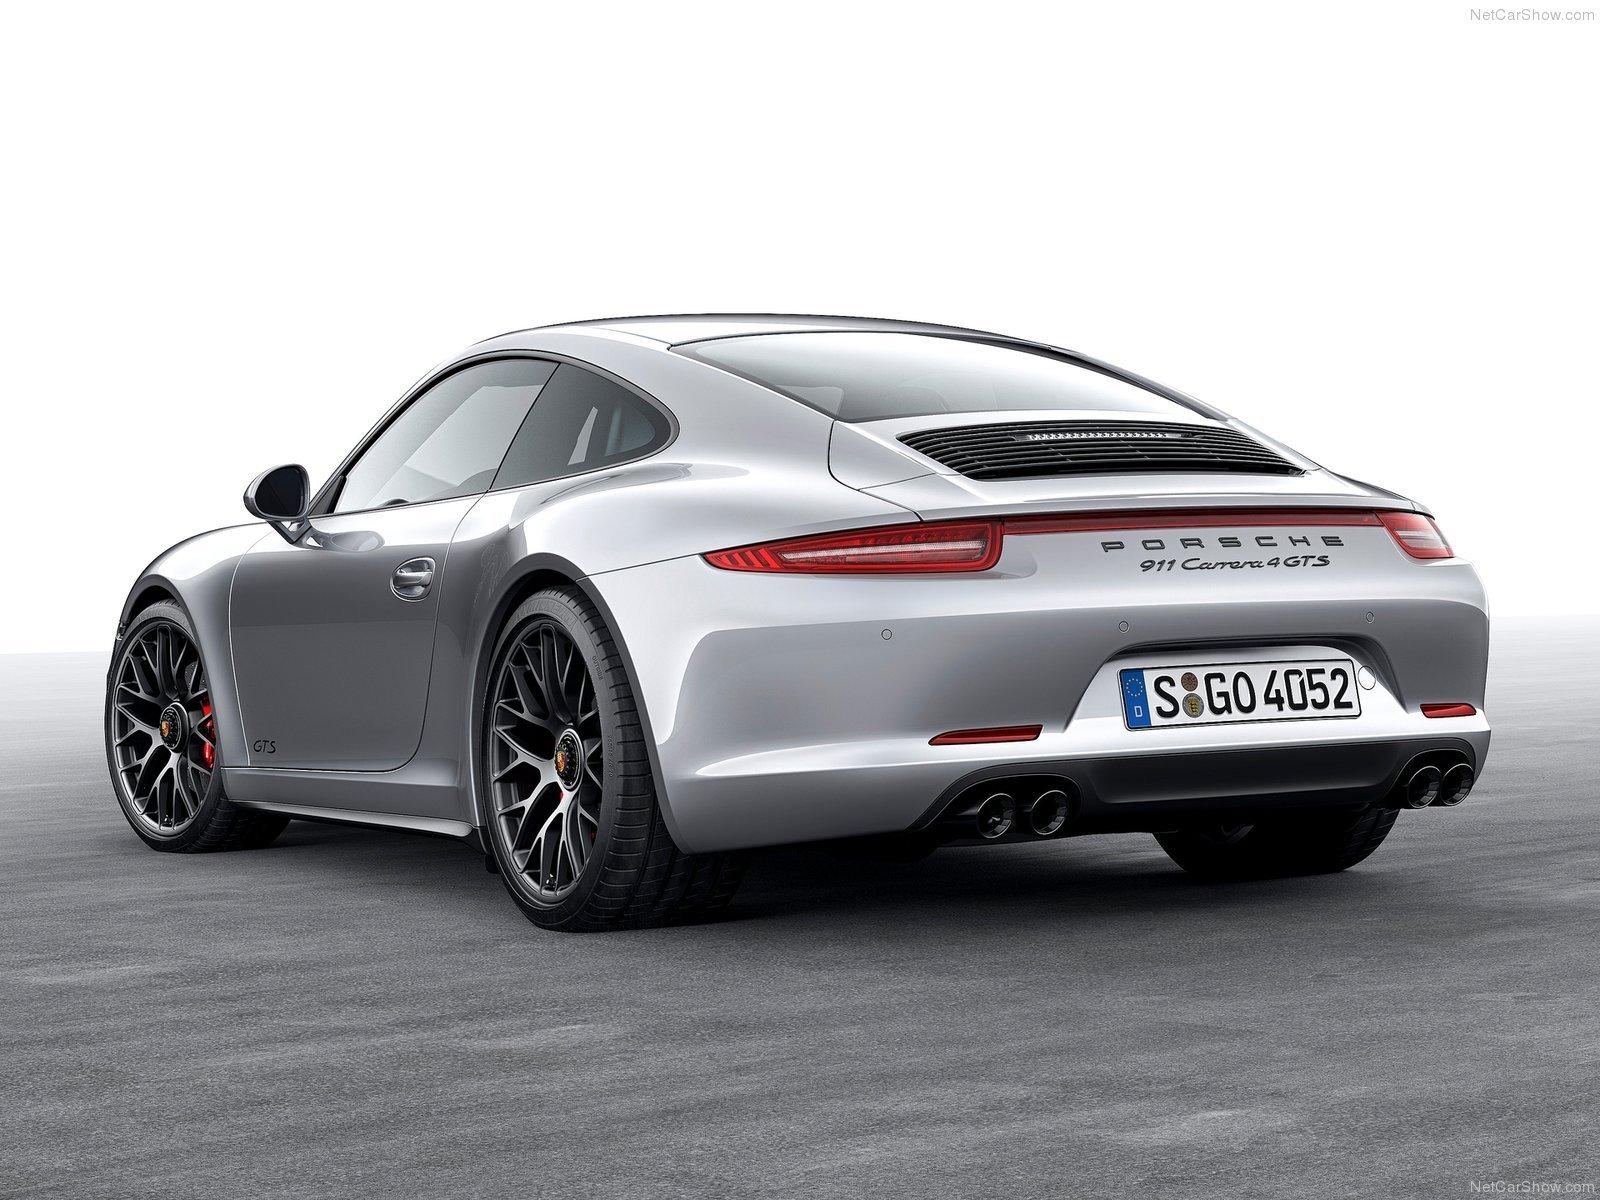 porsche 911 carrera gts 2015 coupe convertible cars 2015 wallpaper 1600x1200 523294 wallpaperup - 2015 Porsche 911 Coupe